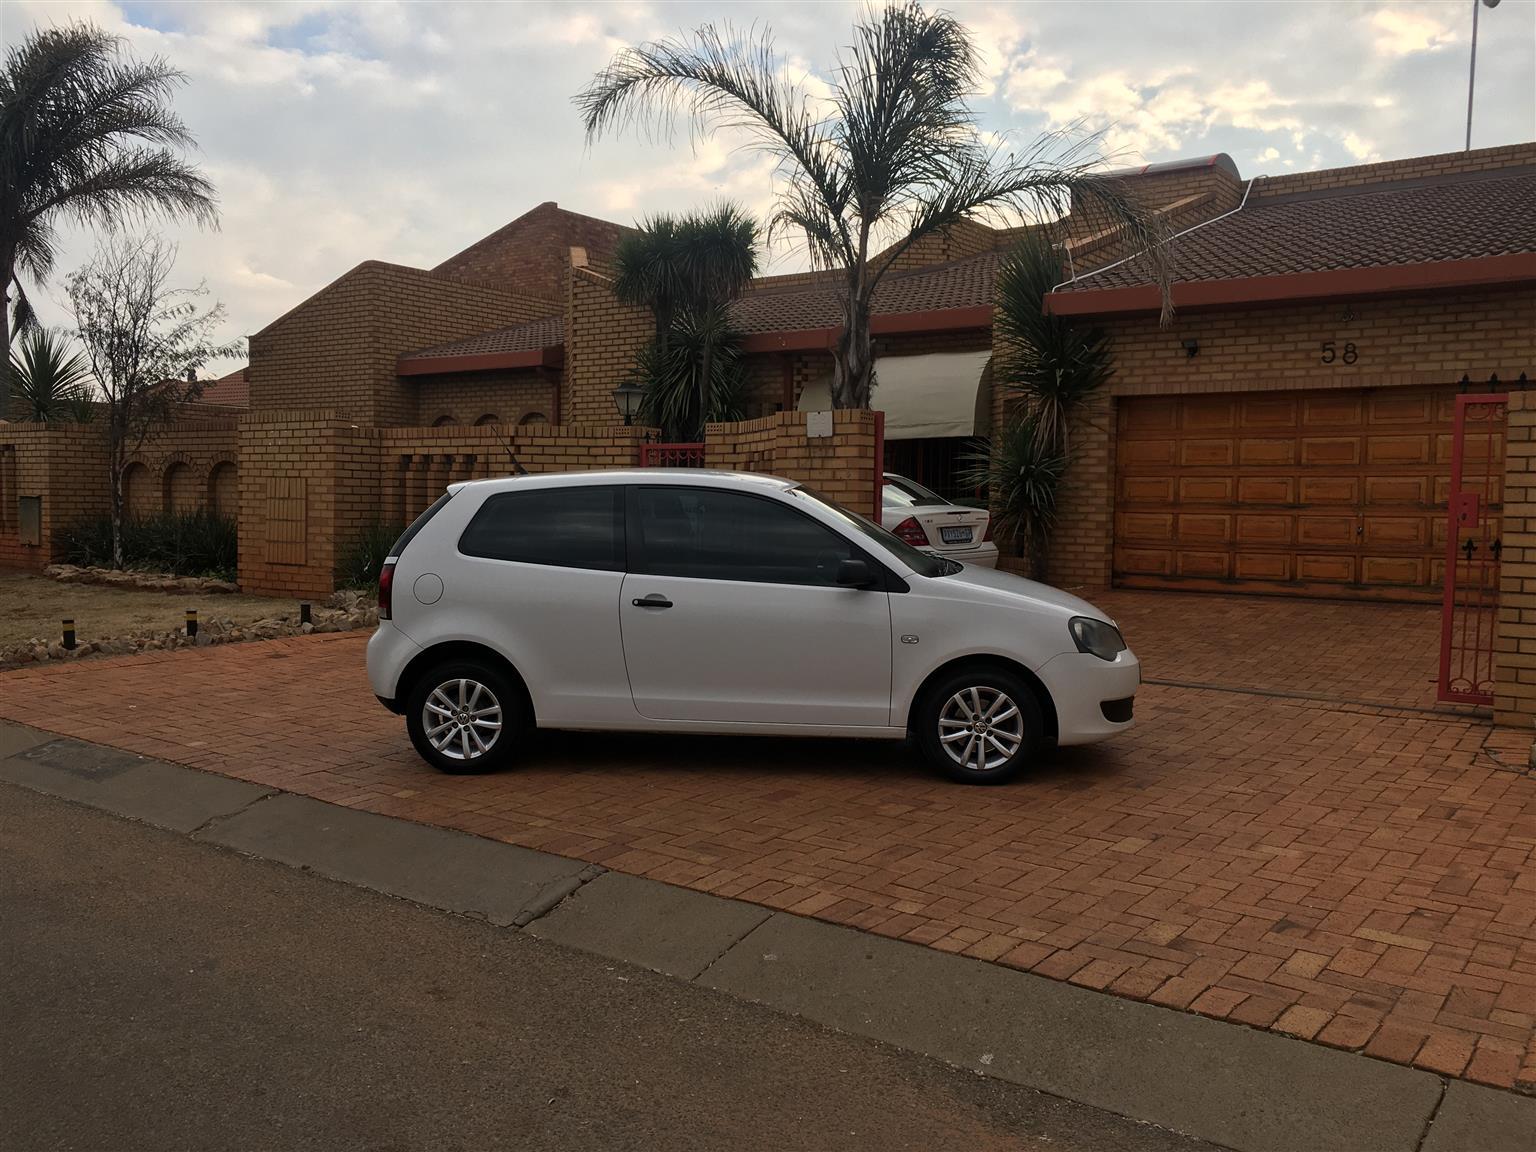 2012 VW Polo Vivo 3 door 1.4